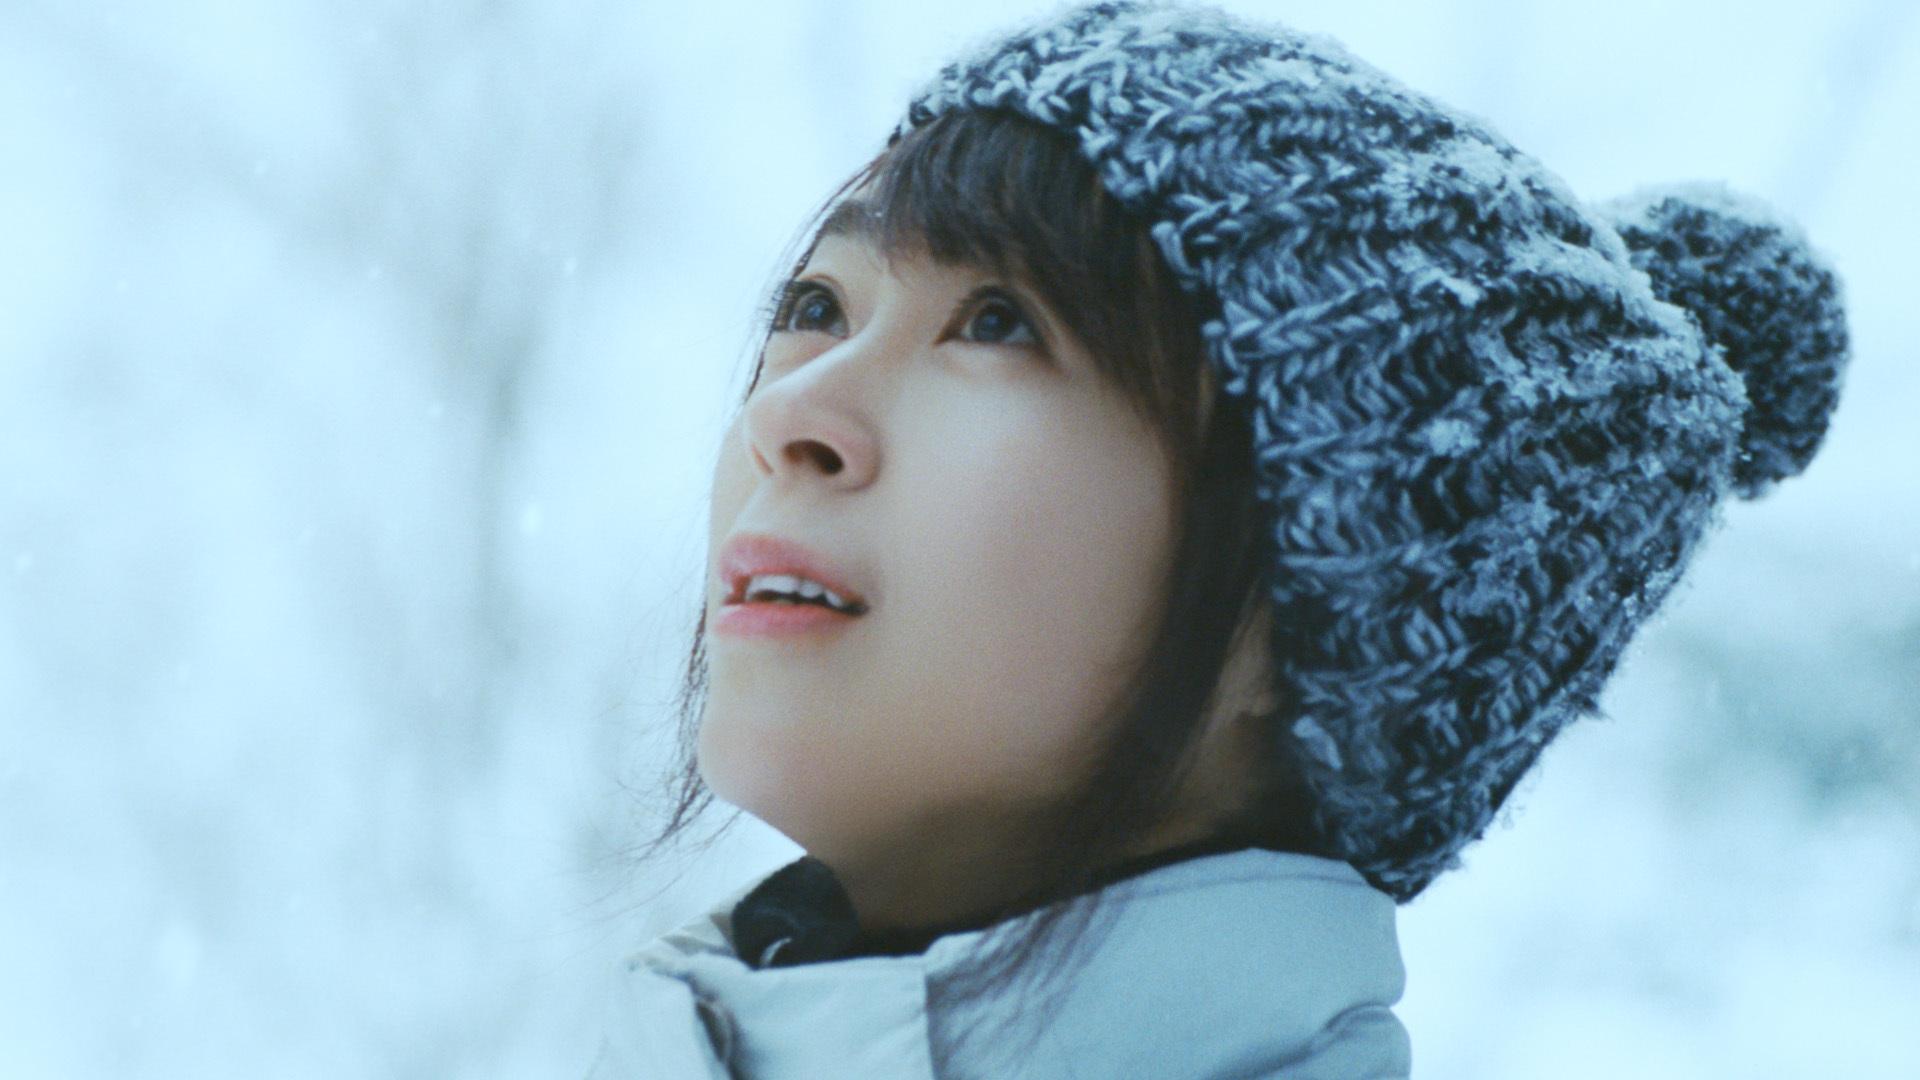 宇多田ヒカル 2018年第1弾の新曲を4 25に配信 サントリー新cmソング